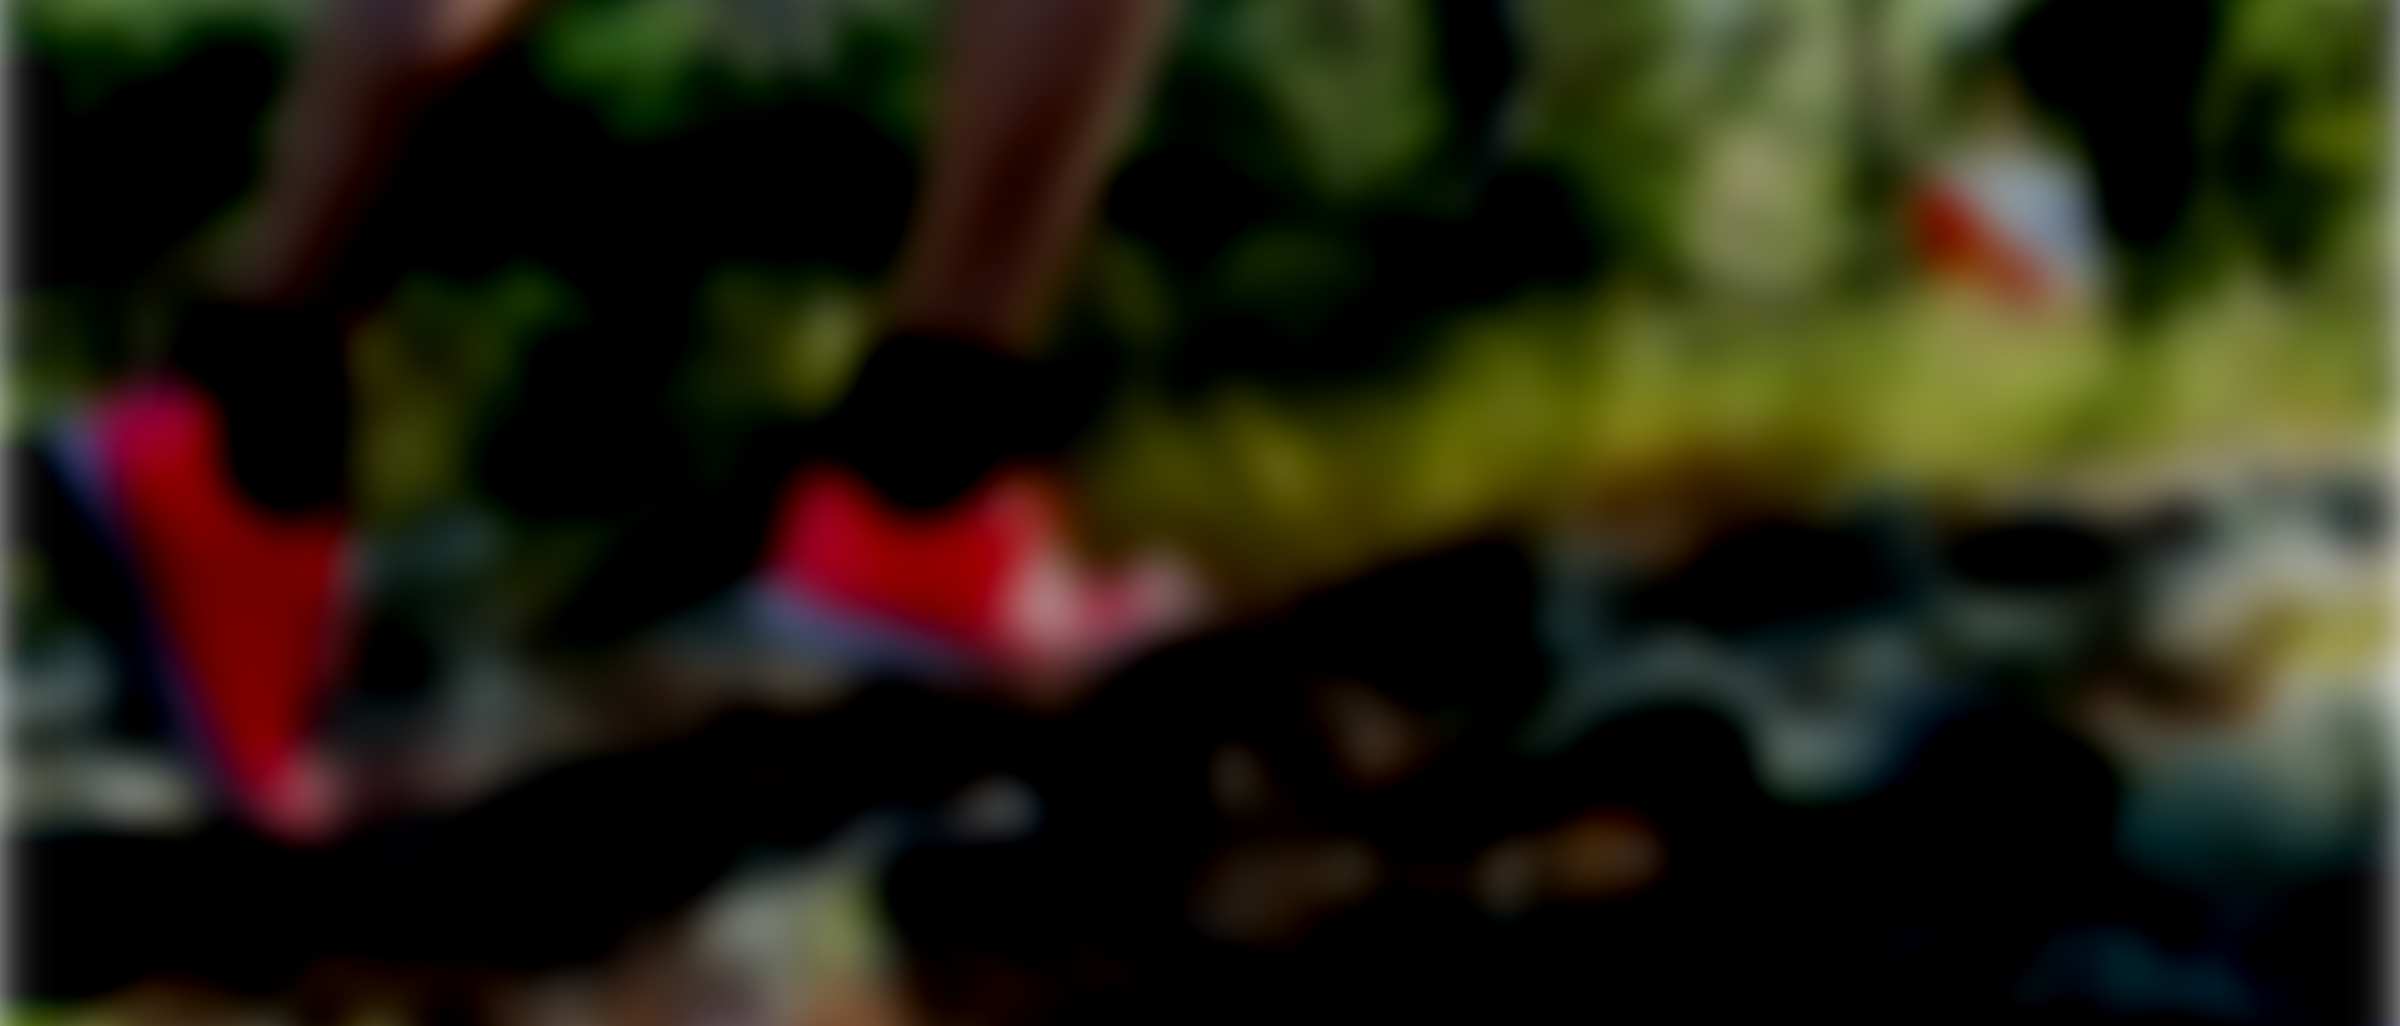 Hittaorientering blur dark